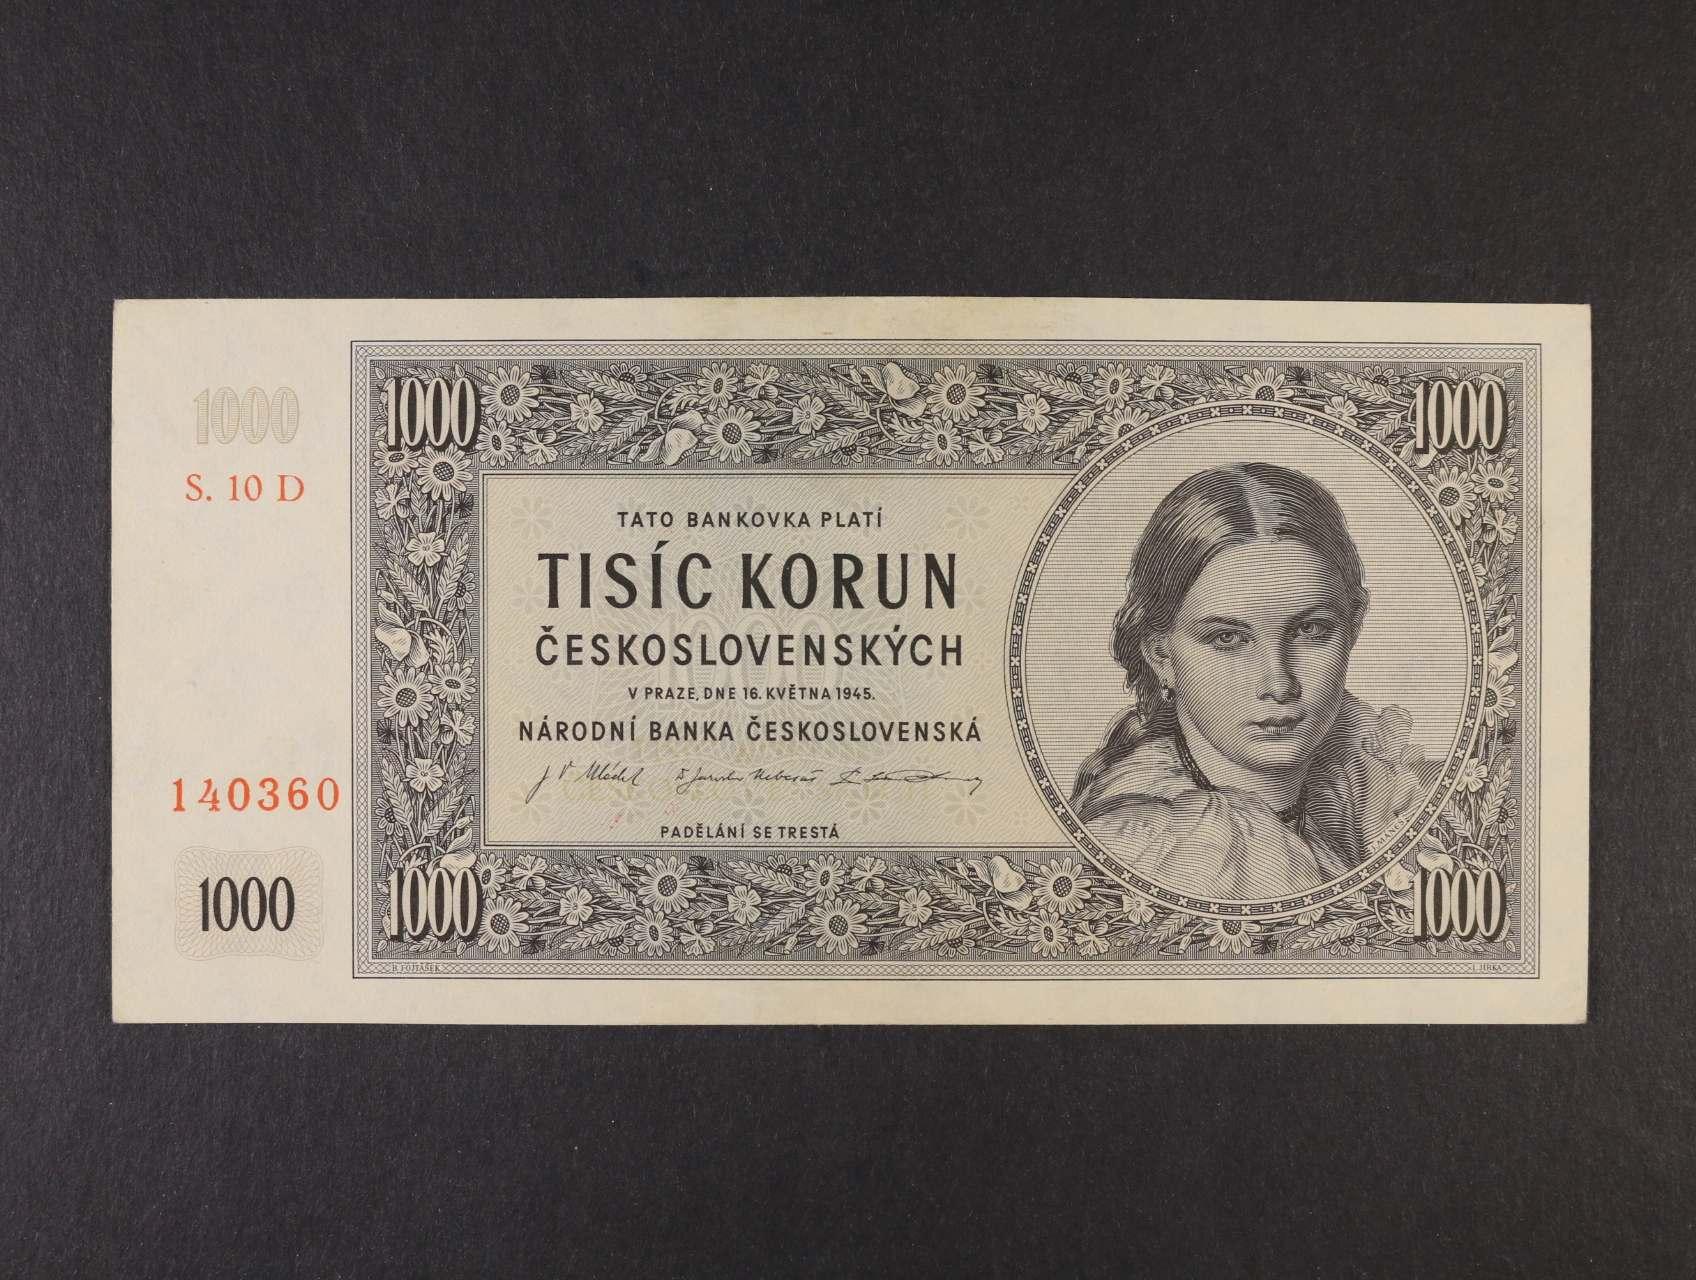 1000 Kčs 16.5.1945 série 10 D, Ba. 78c2, Pi. 74d